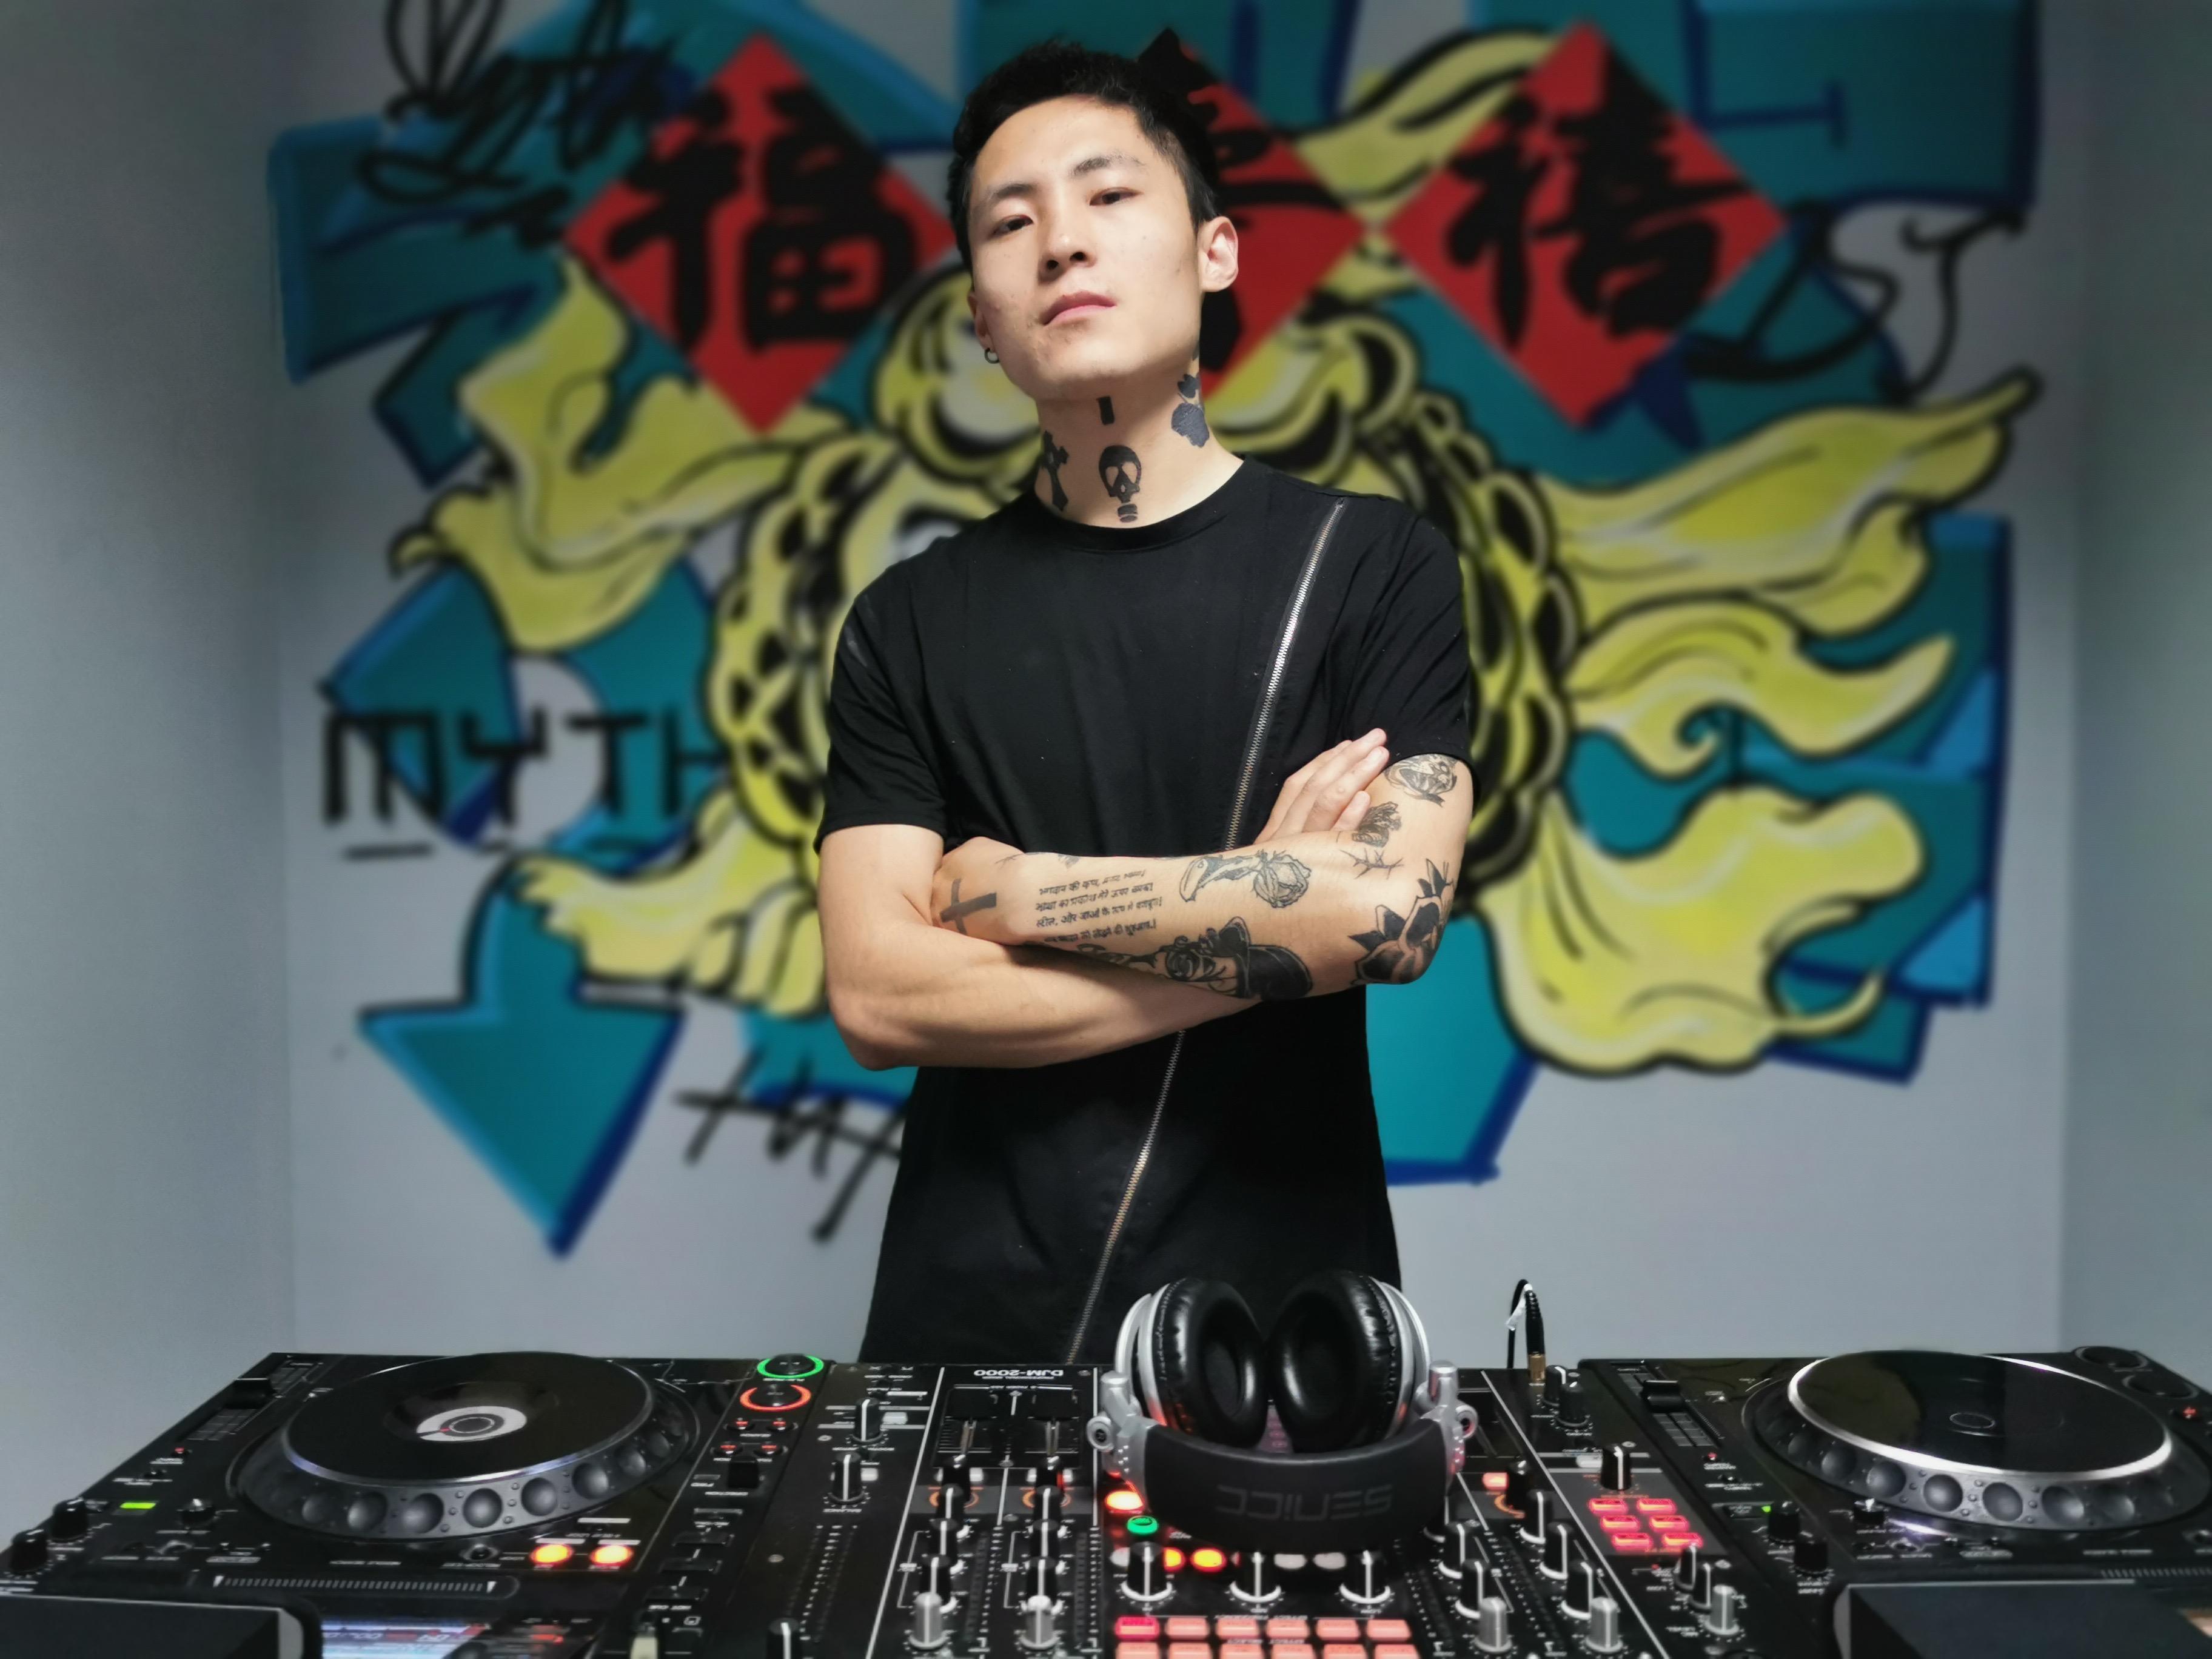 顶尖DJ学校学员马腾飞毕业考试